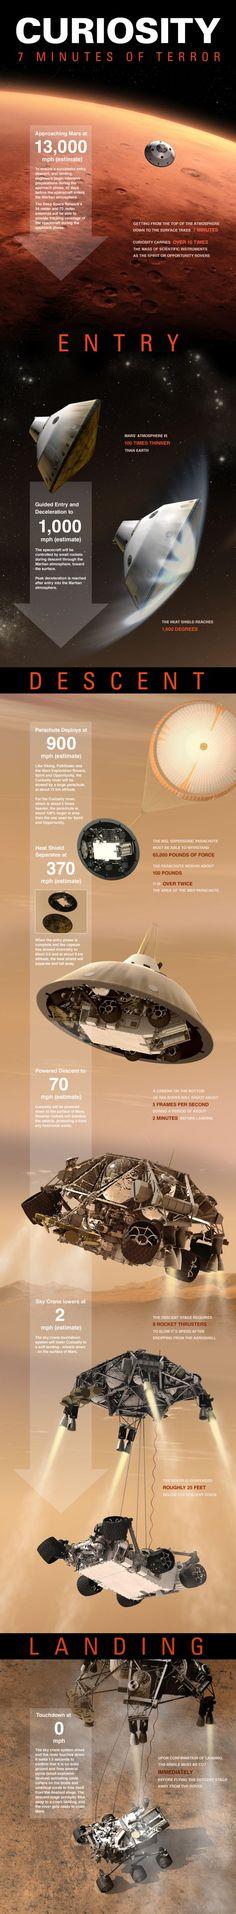 Sept minutes de Terreur: le voyage plein de suspense de Curiosity, le laboratoire scientifique de la planète rouge.